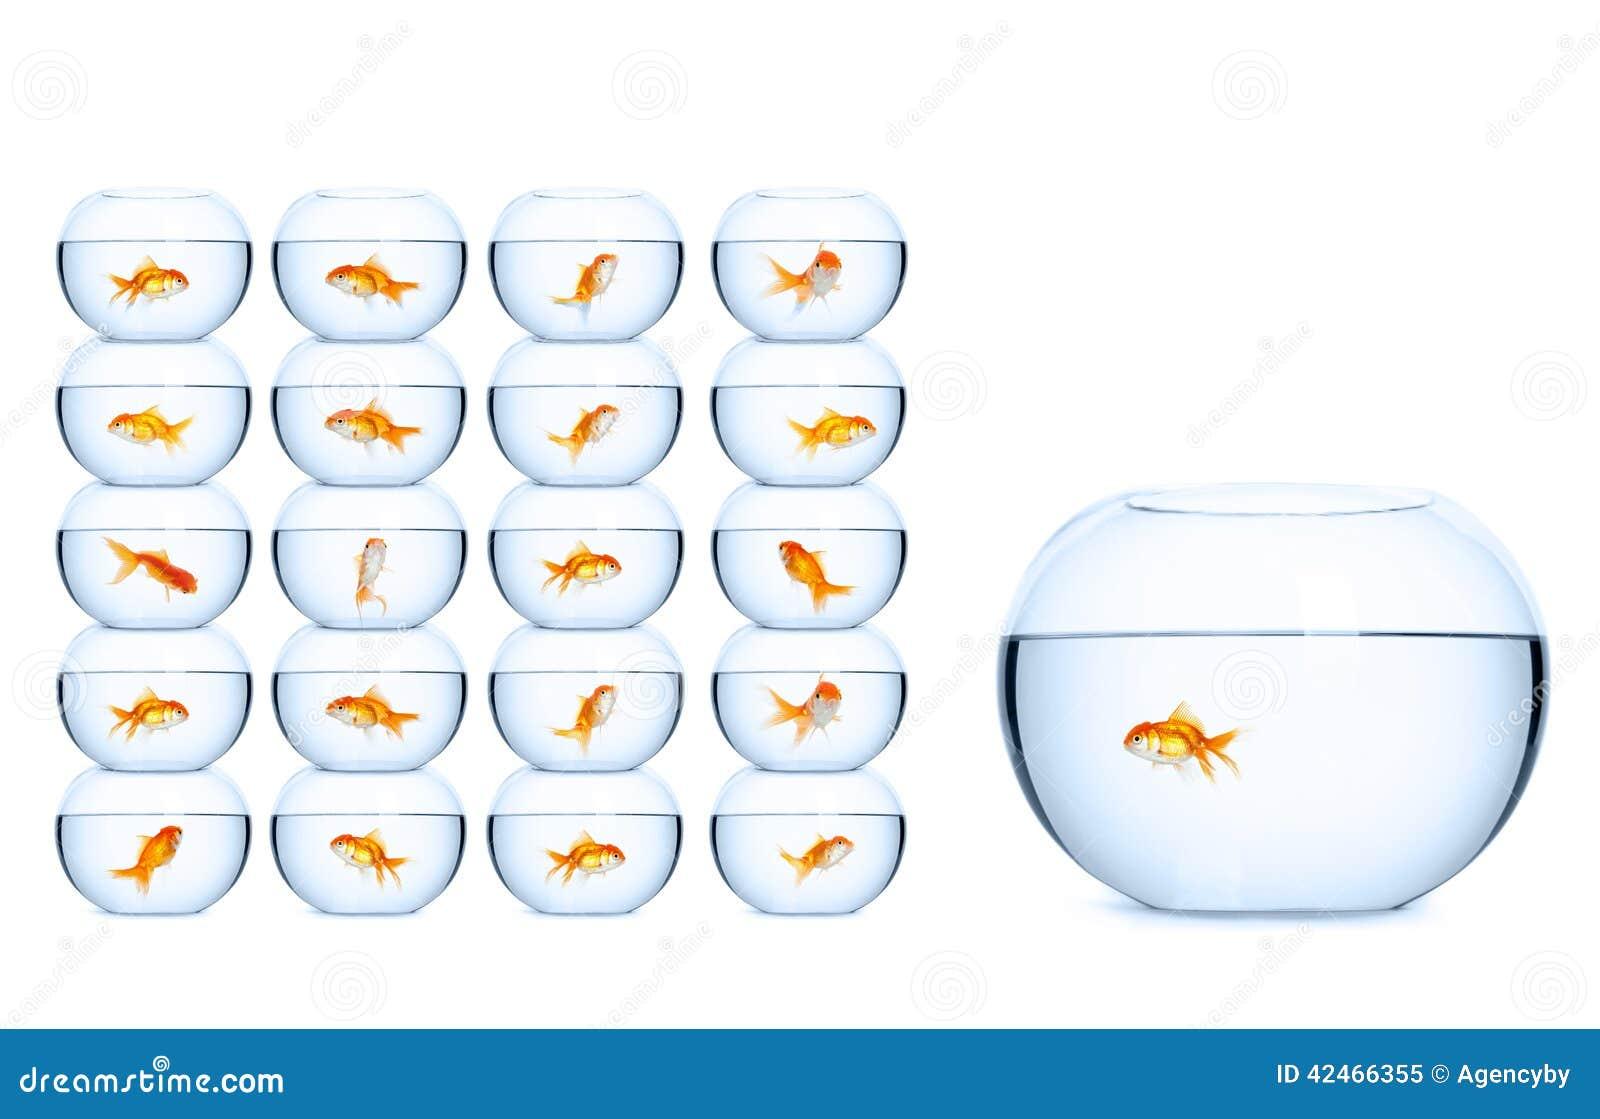 Jede Goldfischschwimmen in seinem eigenen Aquarium